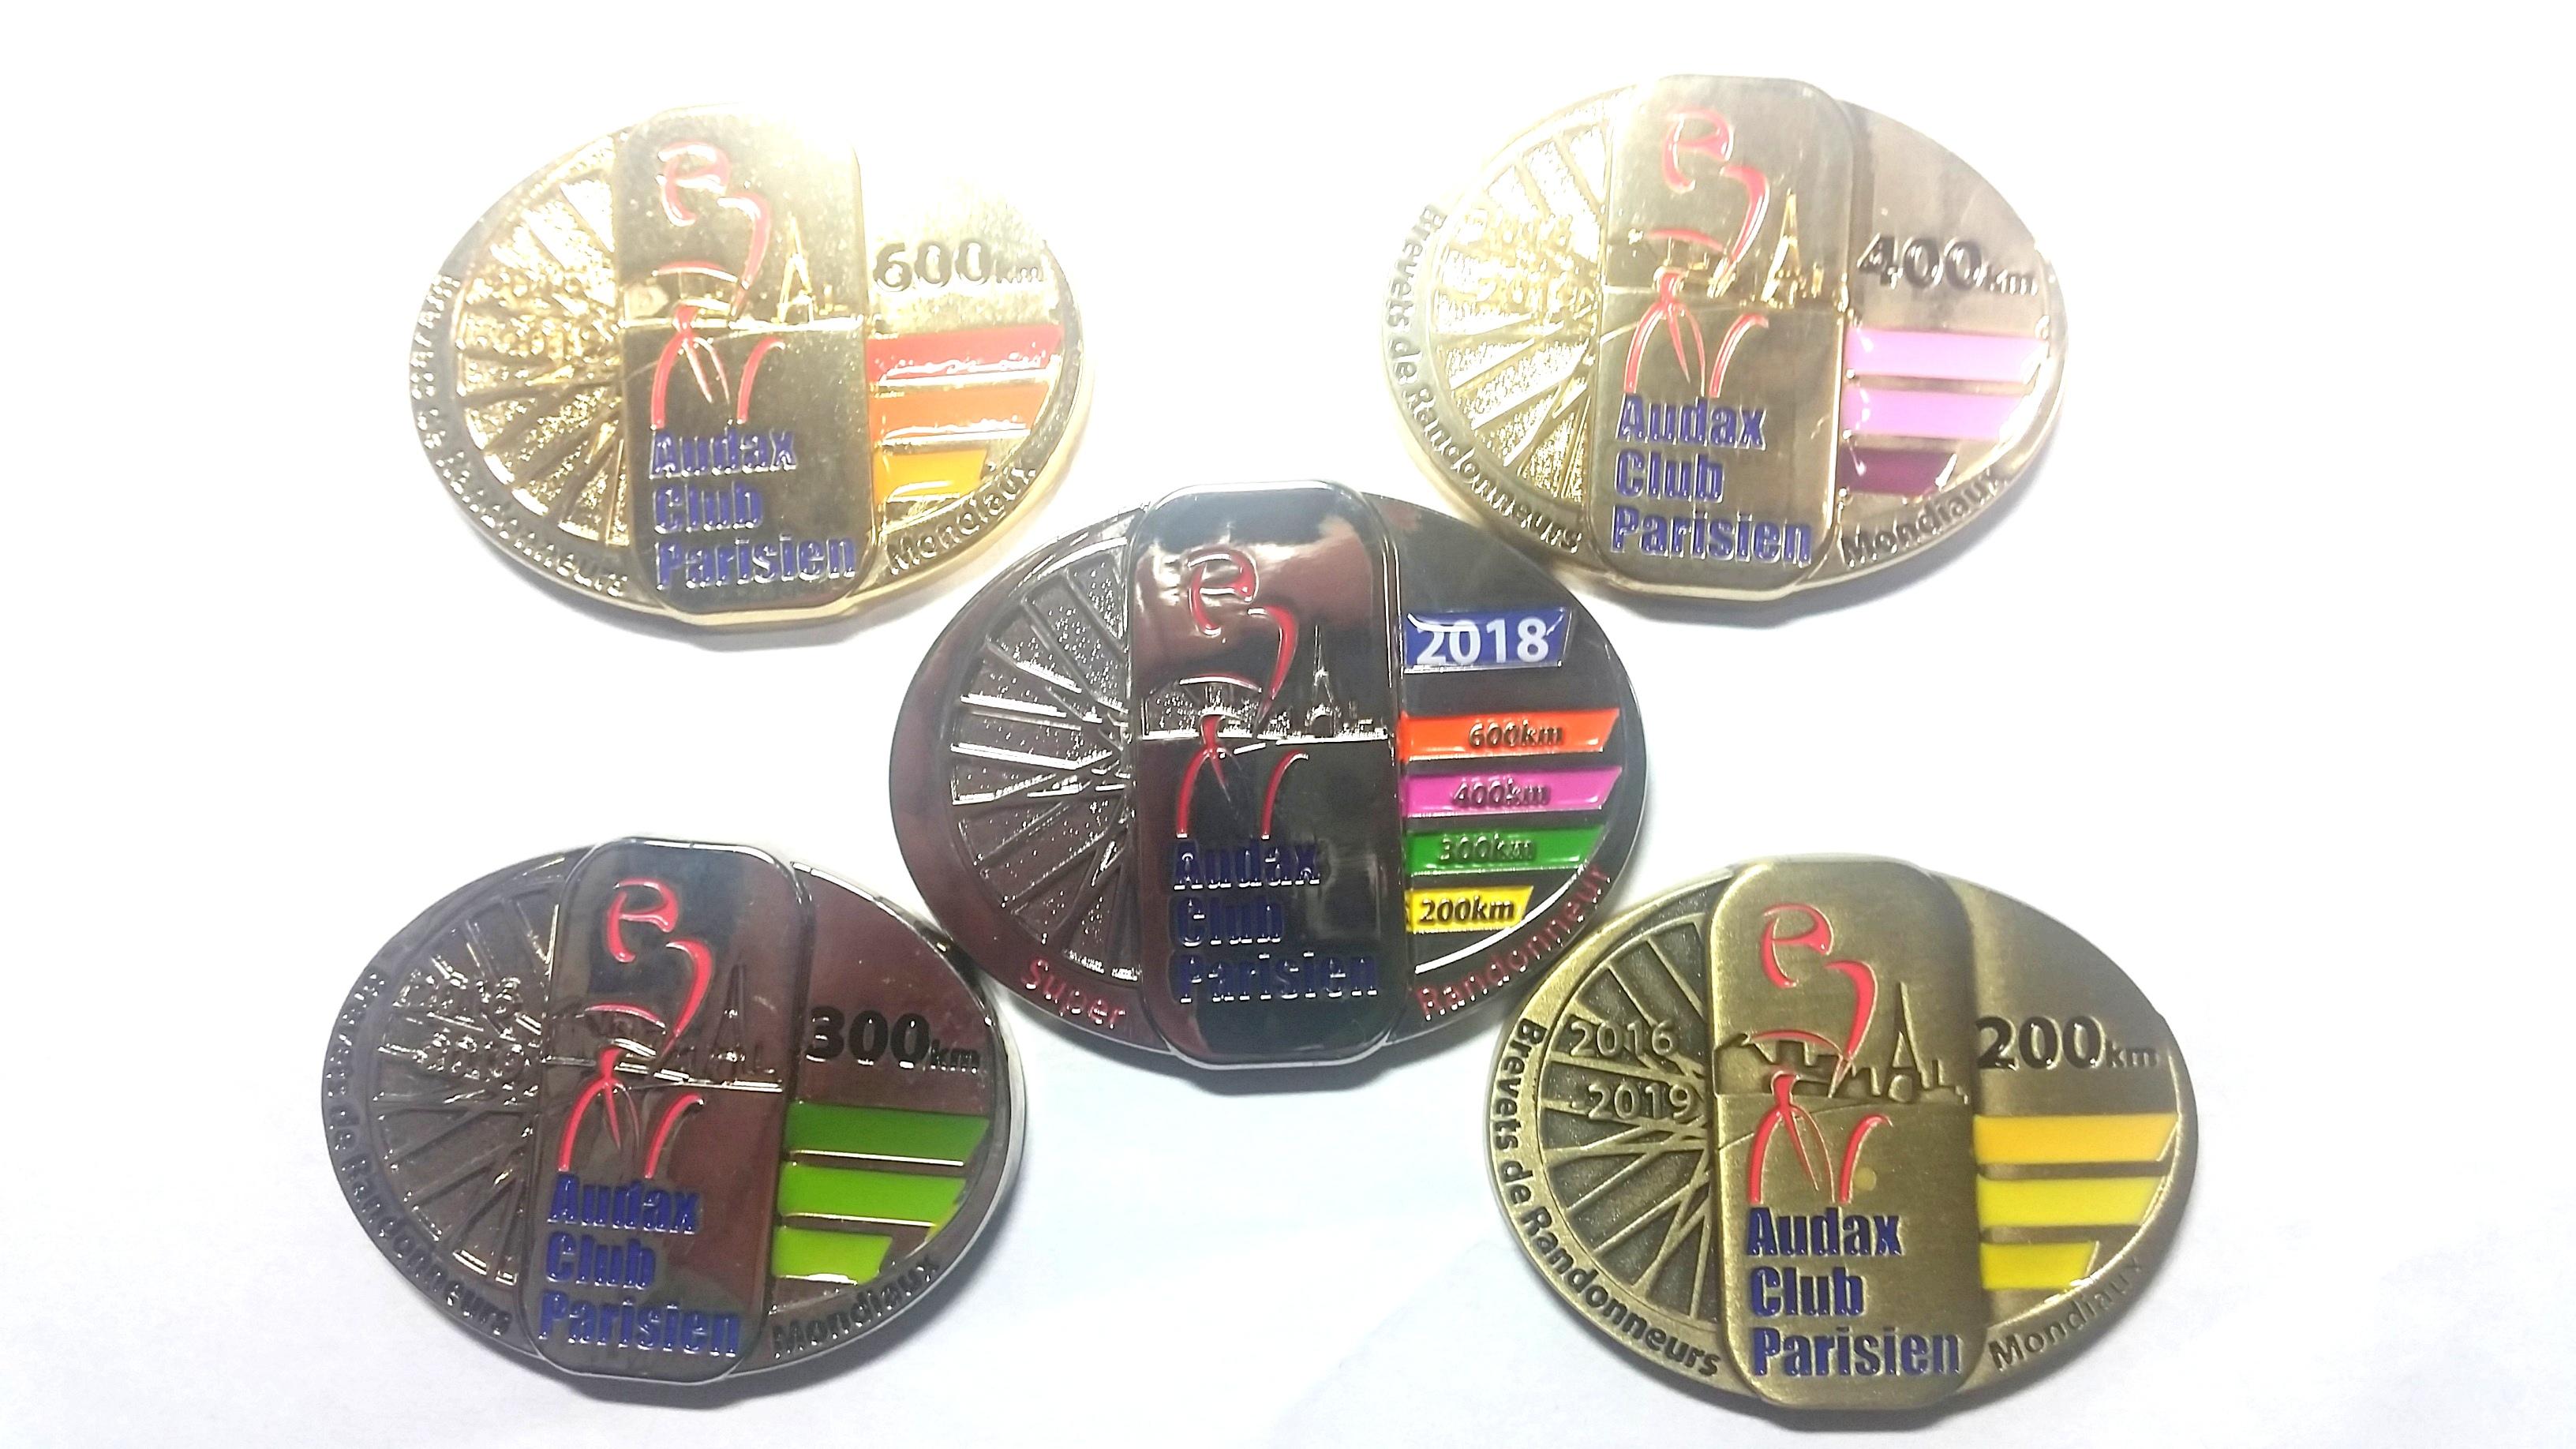 シューペル・ランドルーヌの称号メダル